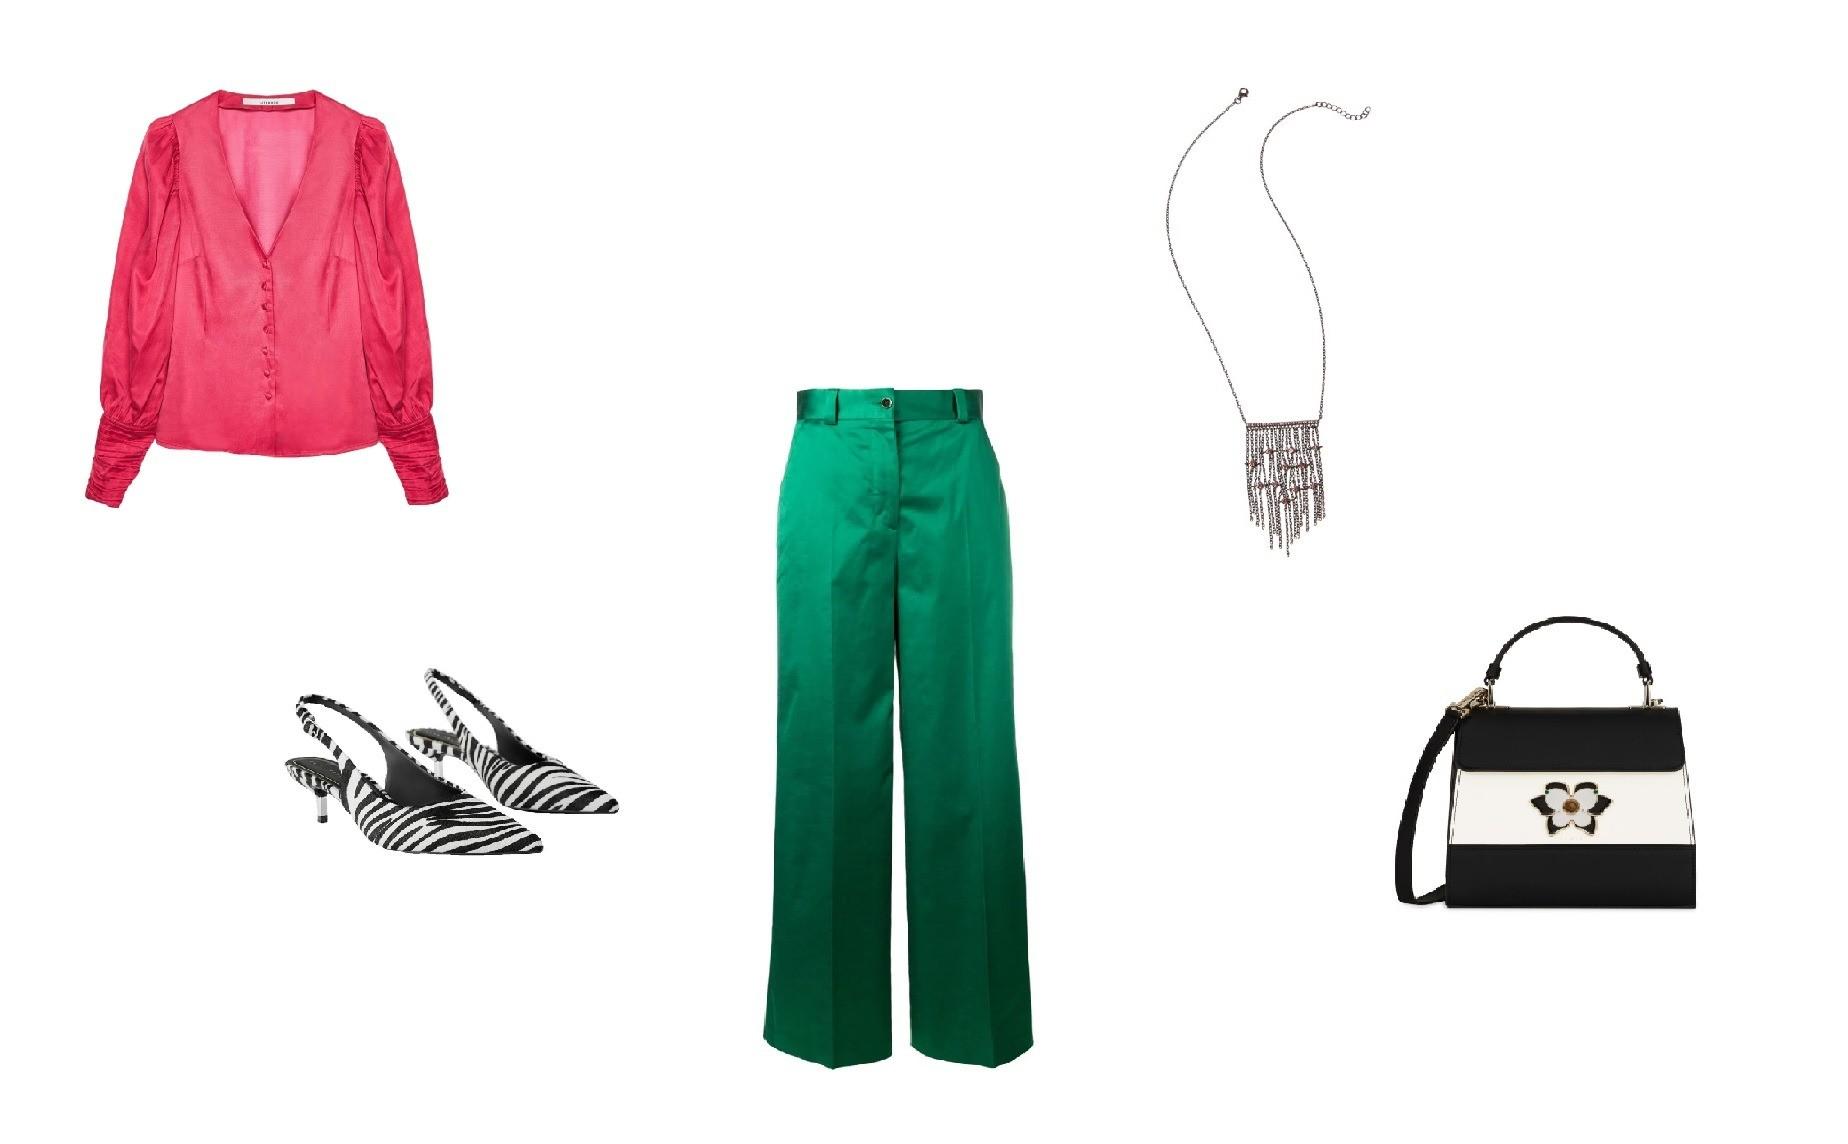 Блуза Uterque, 9 290 руб.; брюкиPt01, 15 422 руб.; туфли...